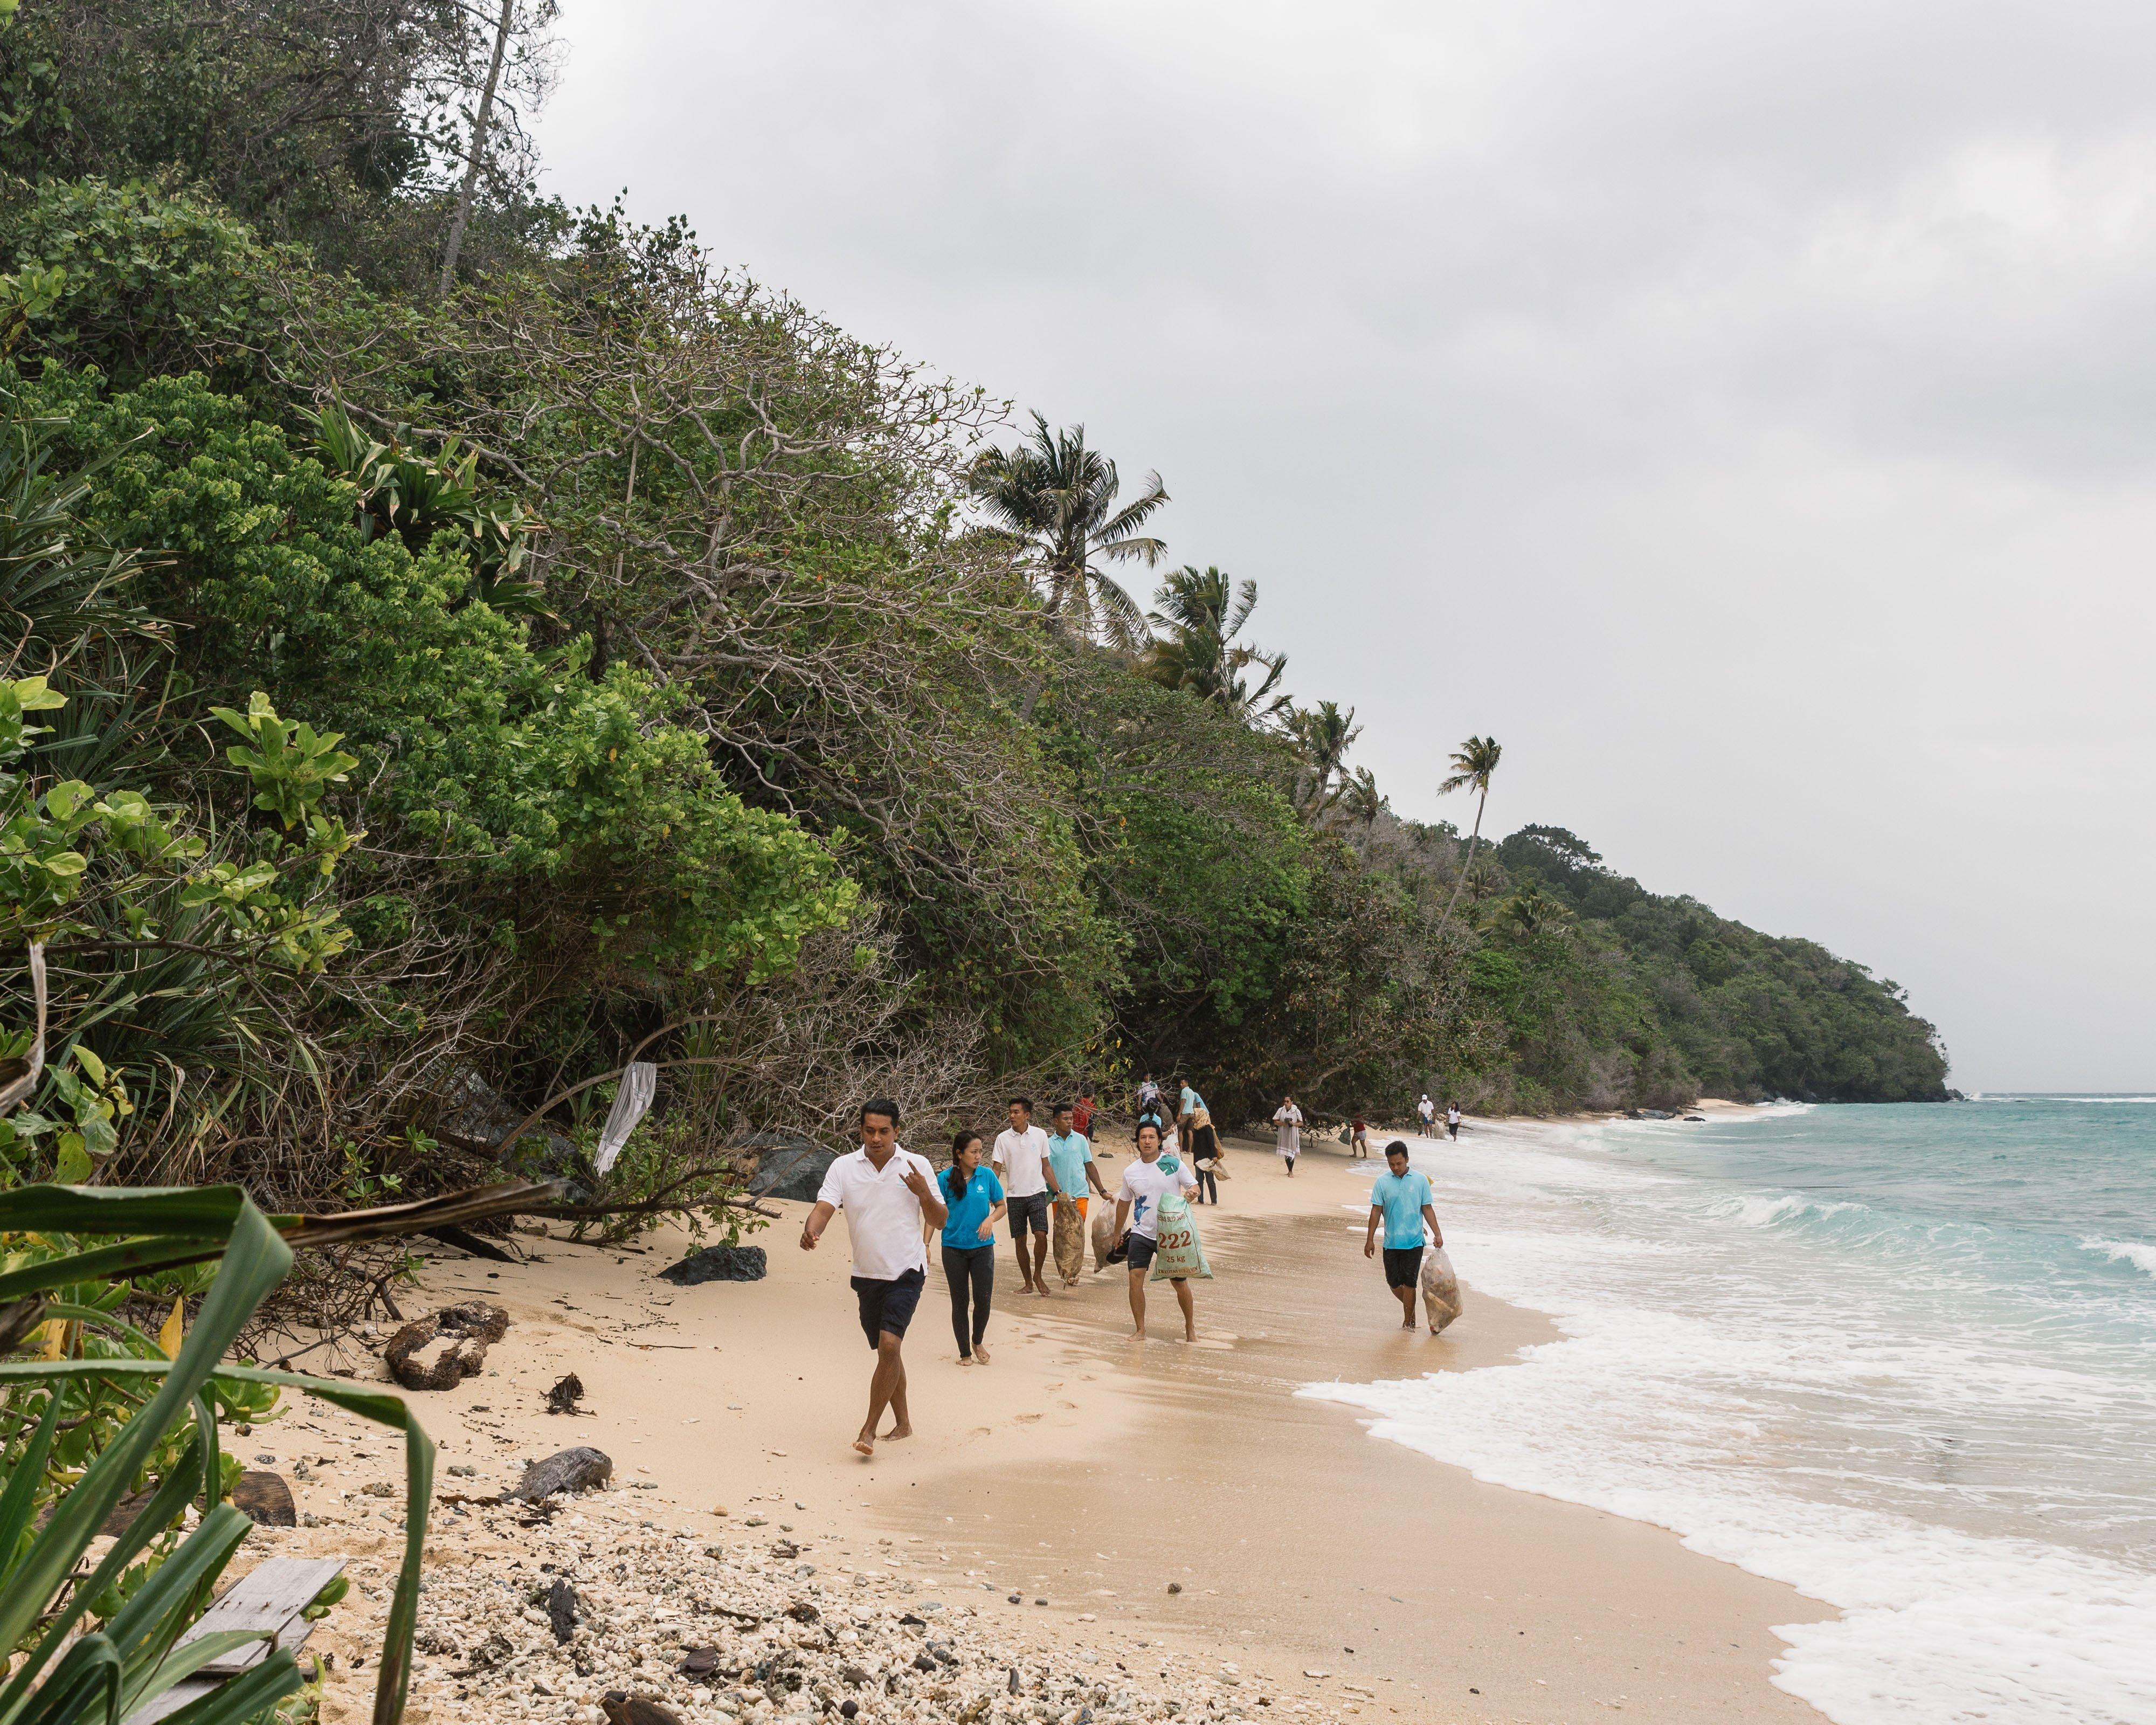 bawah_team_cleaning_beach